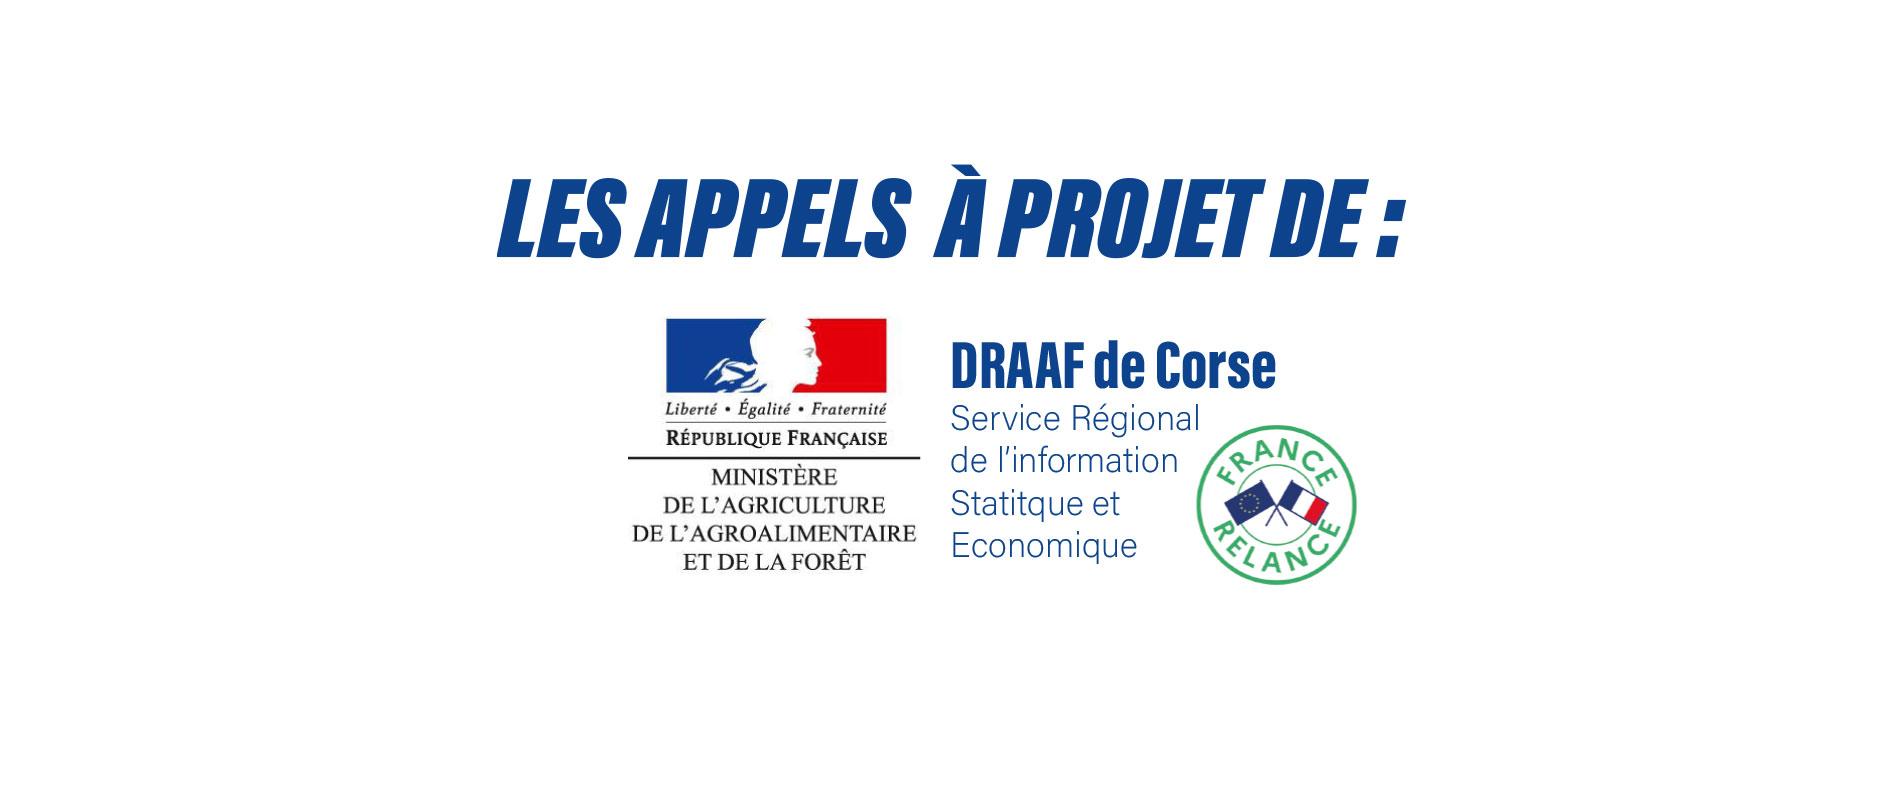 DRAAF : Les appels à projets de la Direction Régionale de l'Alimentation, de L'Agriculture et de la Forêt